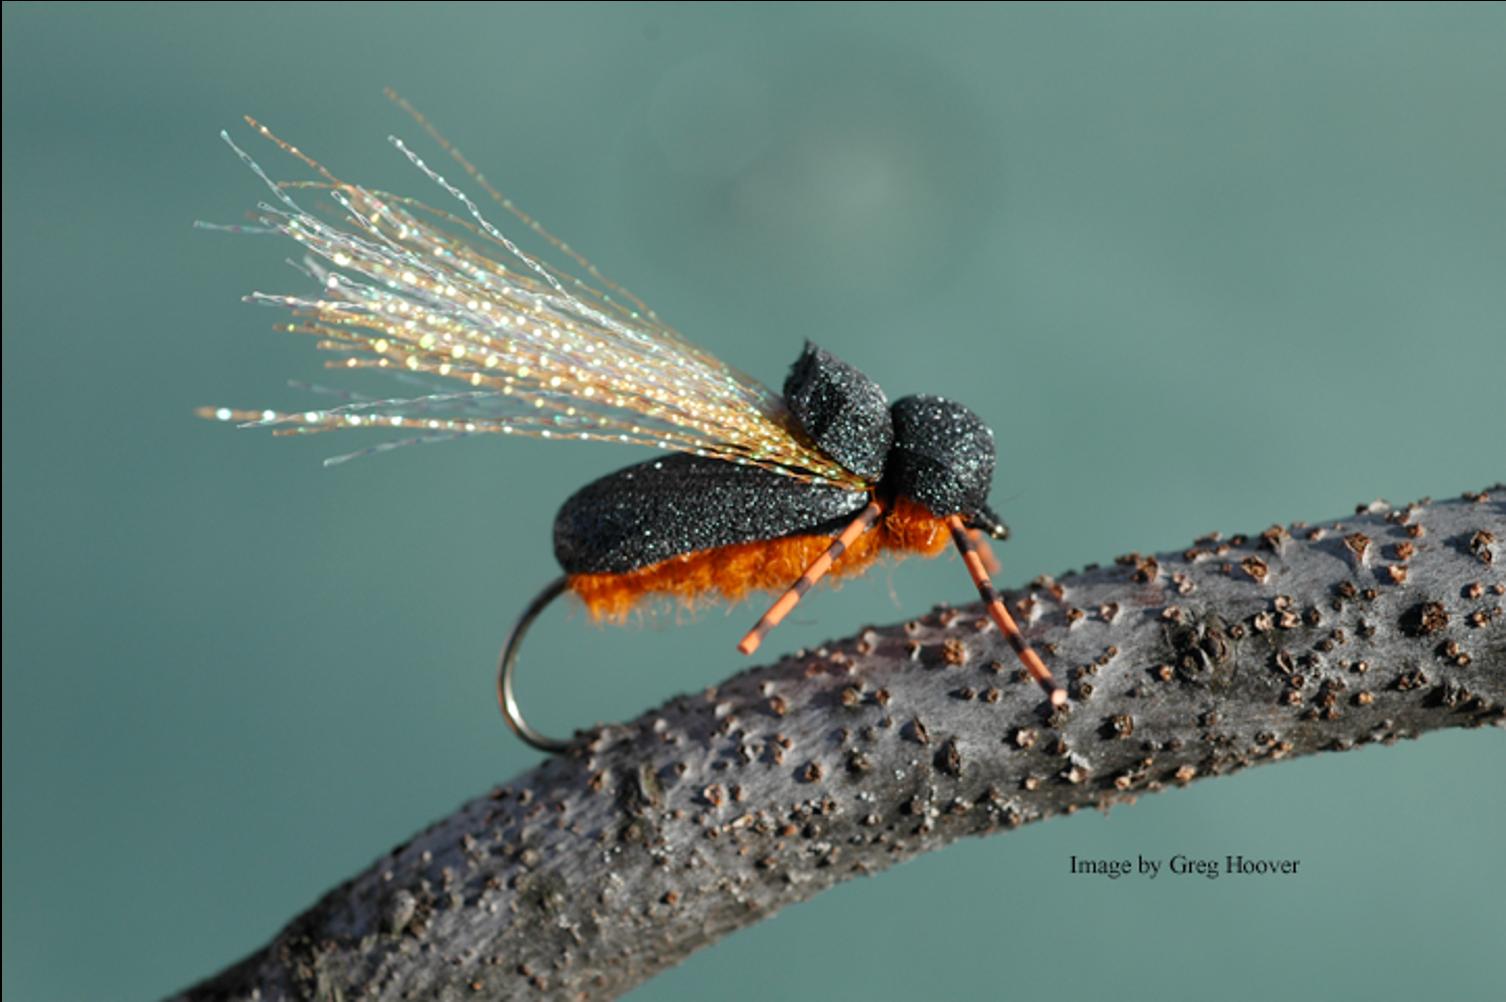 An imitation cicada fly sitting on a twig.